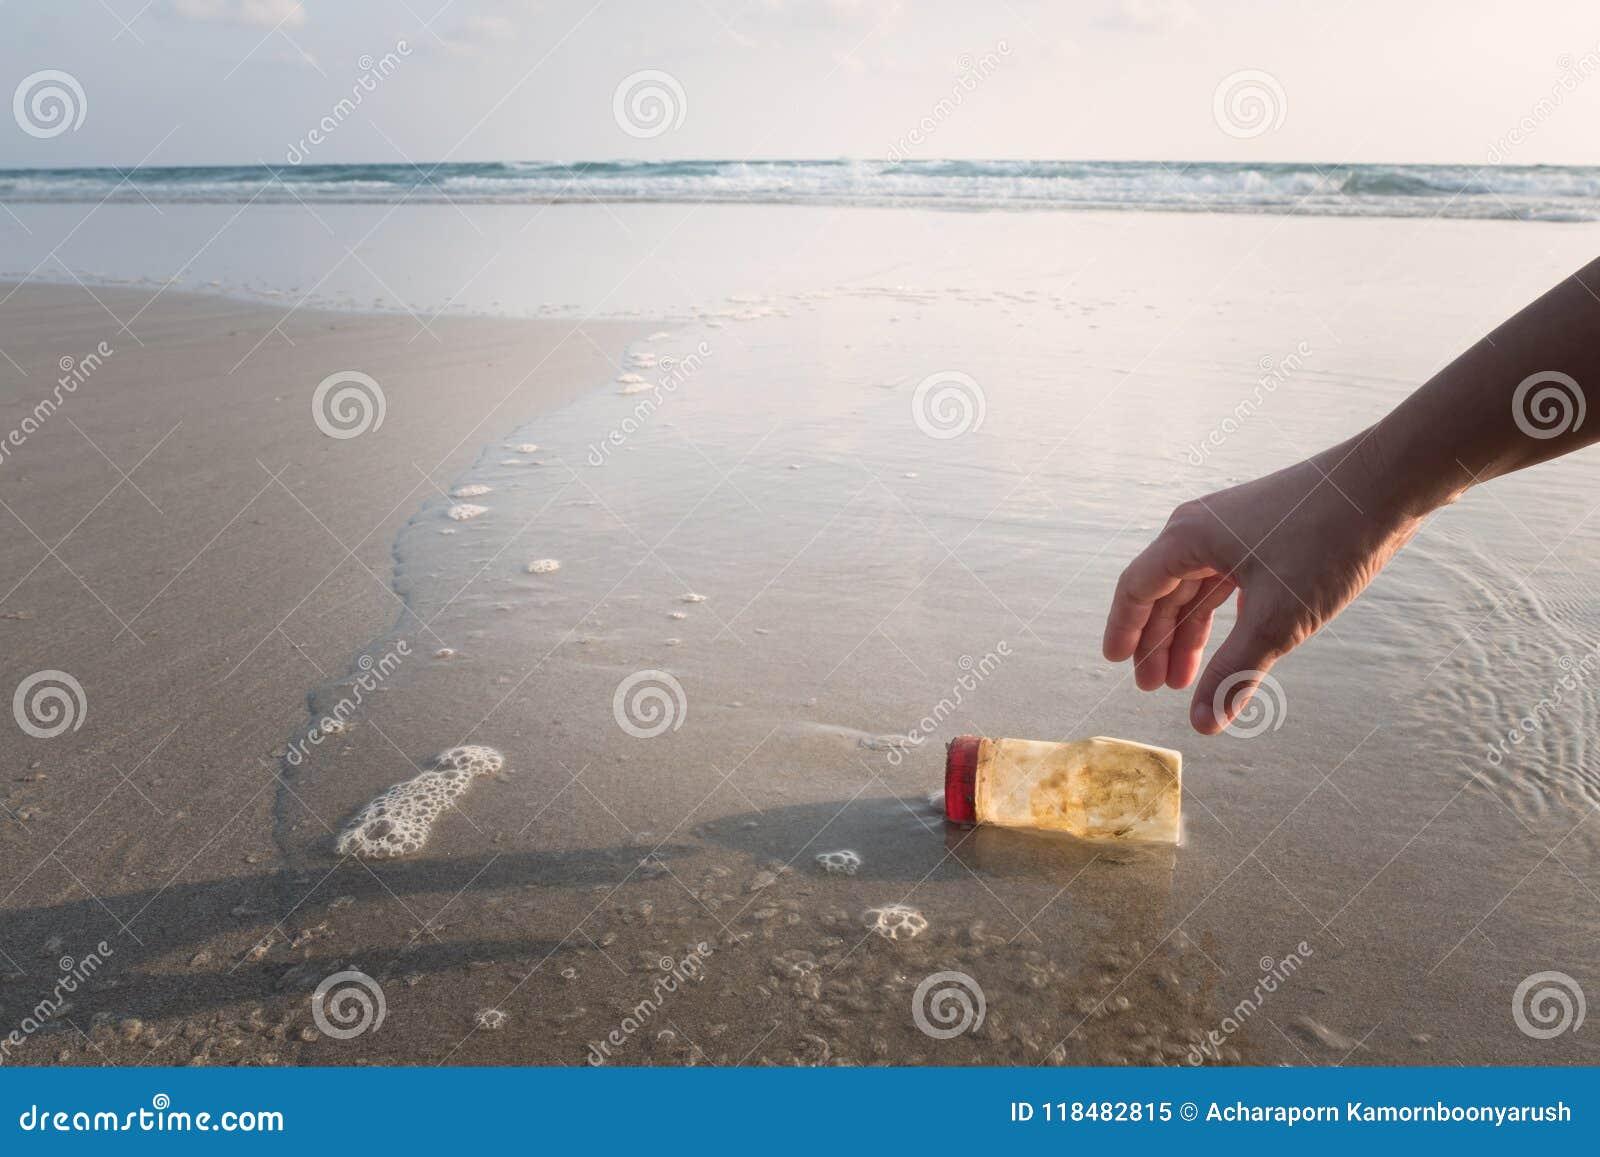 La main d une femme prend une bouteille en plastique pour nettoyer